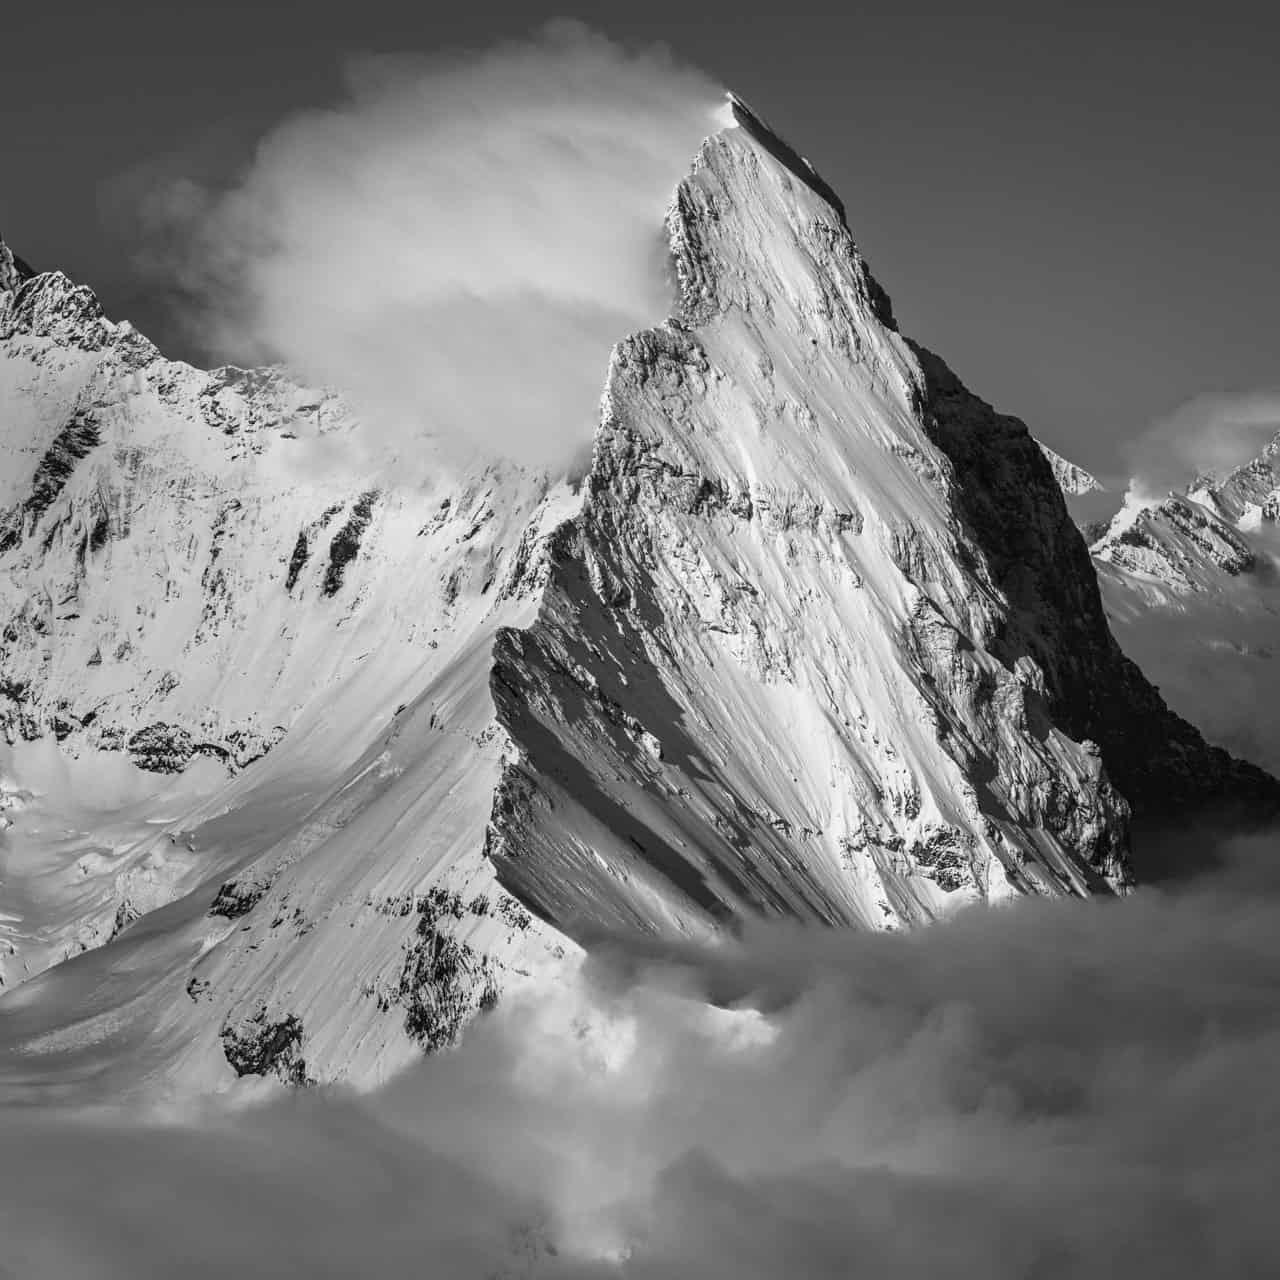 photos montagnes enneigées d'Eiger - Mittellegi dans les nuages en noir et blanc